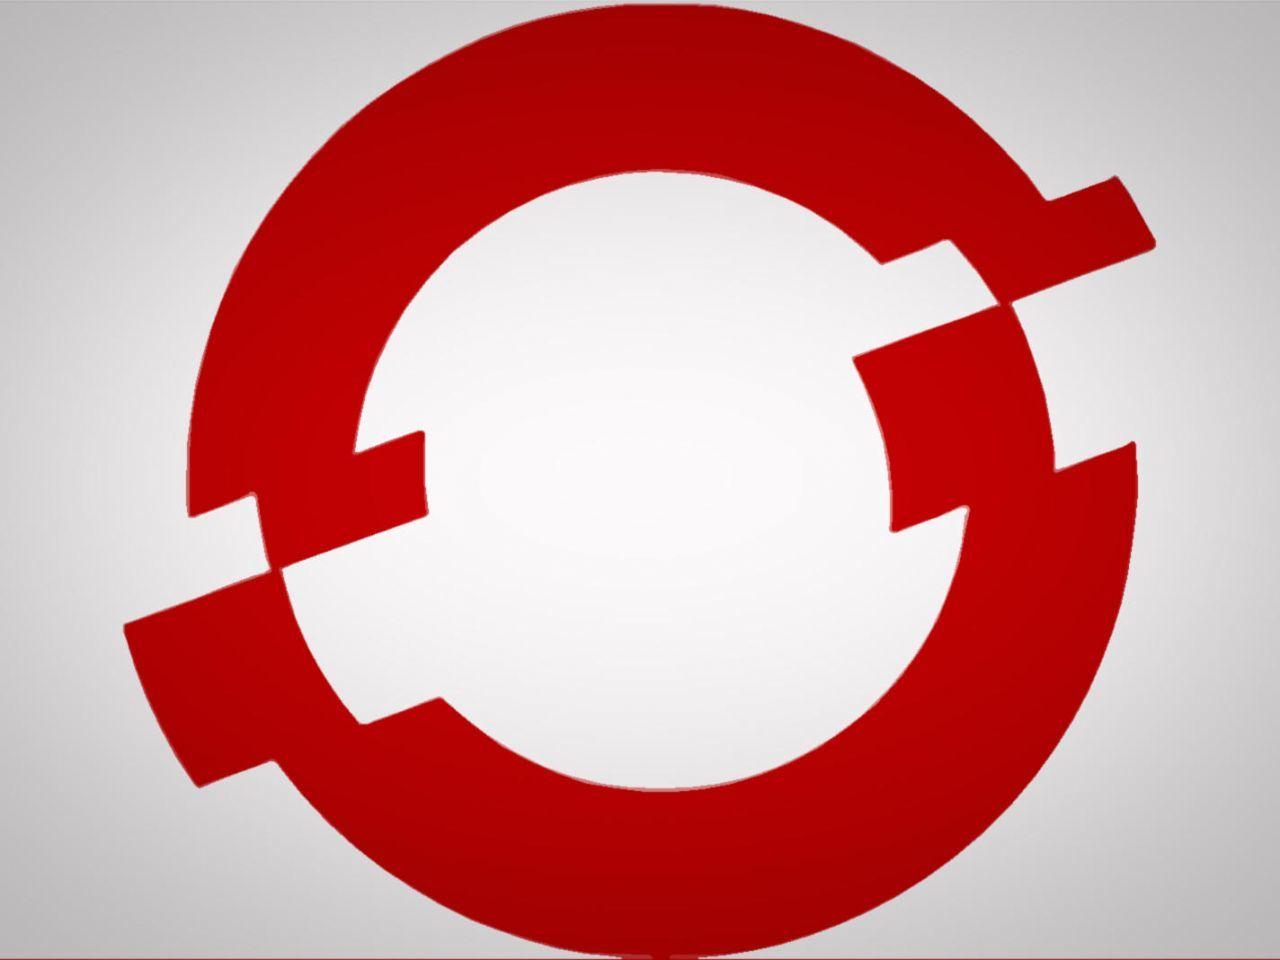 「Red Hat OpenShift 4.2」、ハイブリッドクラウド開発者の「Kubernetes」利用を支援